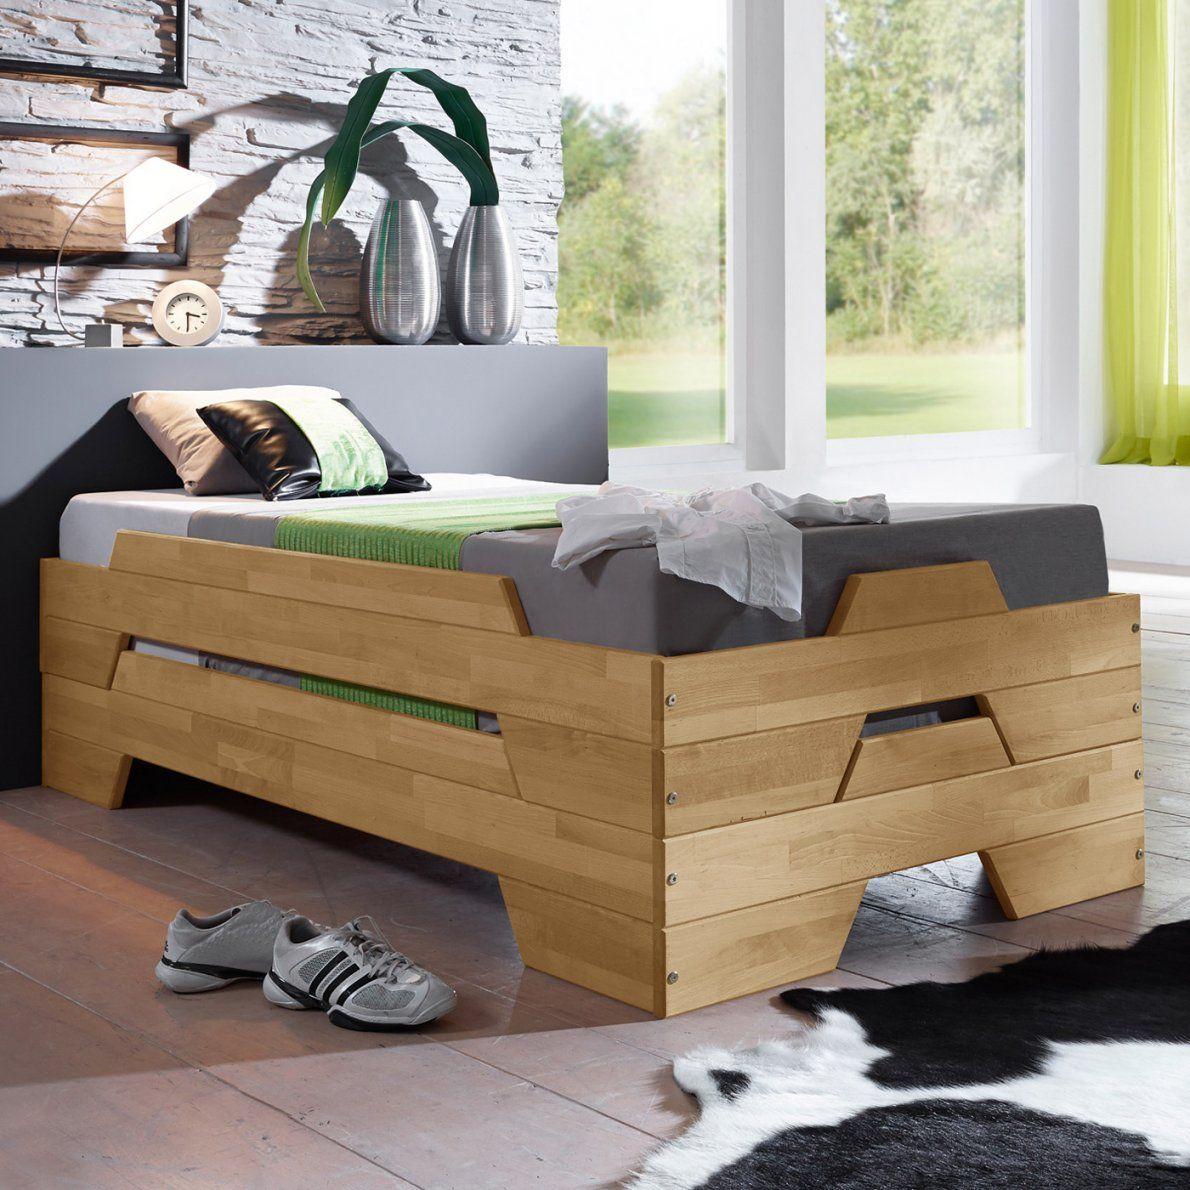 Raumsparbetten In Top Qualität Und Dennoch Preiswert  Betten von Platzsparendes Bett Selber Bauen Photo